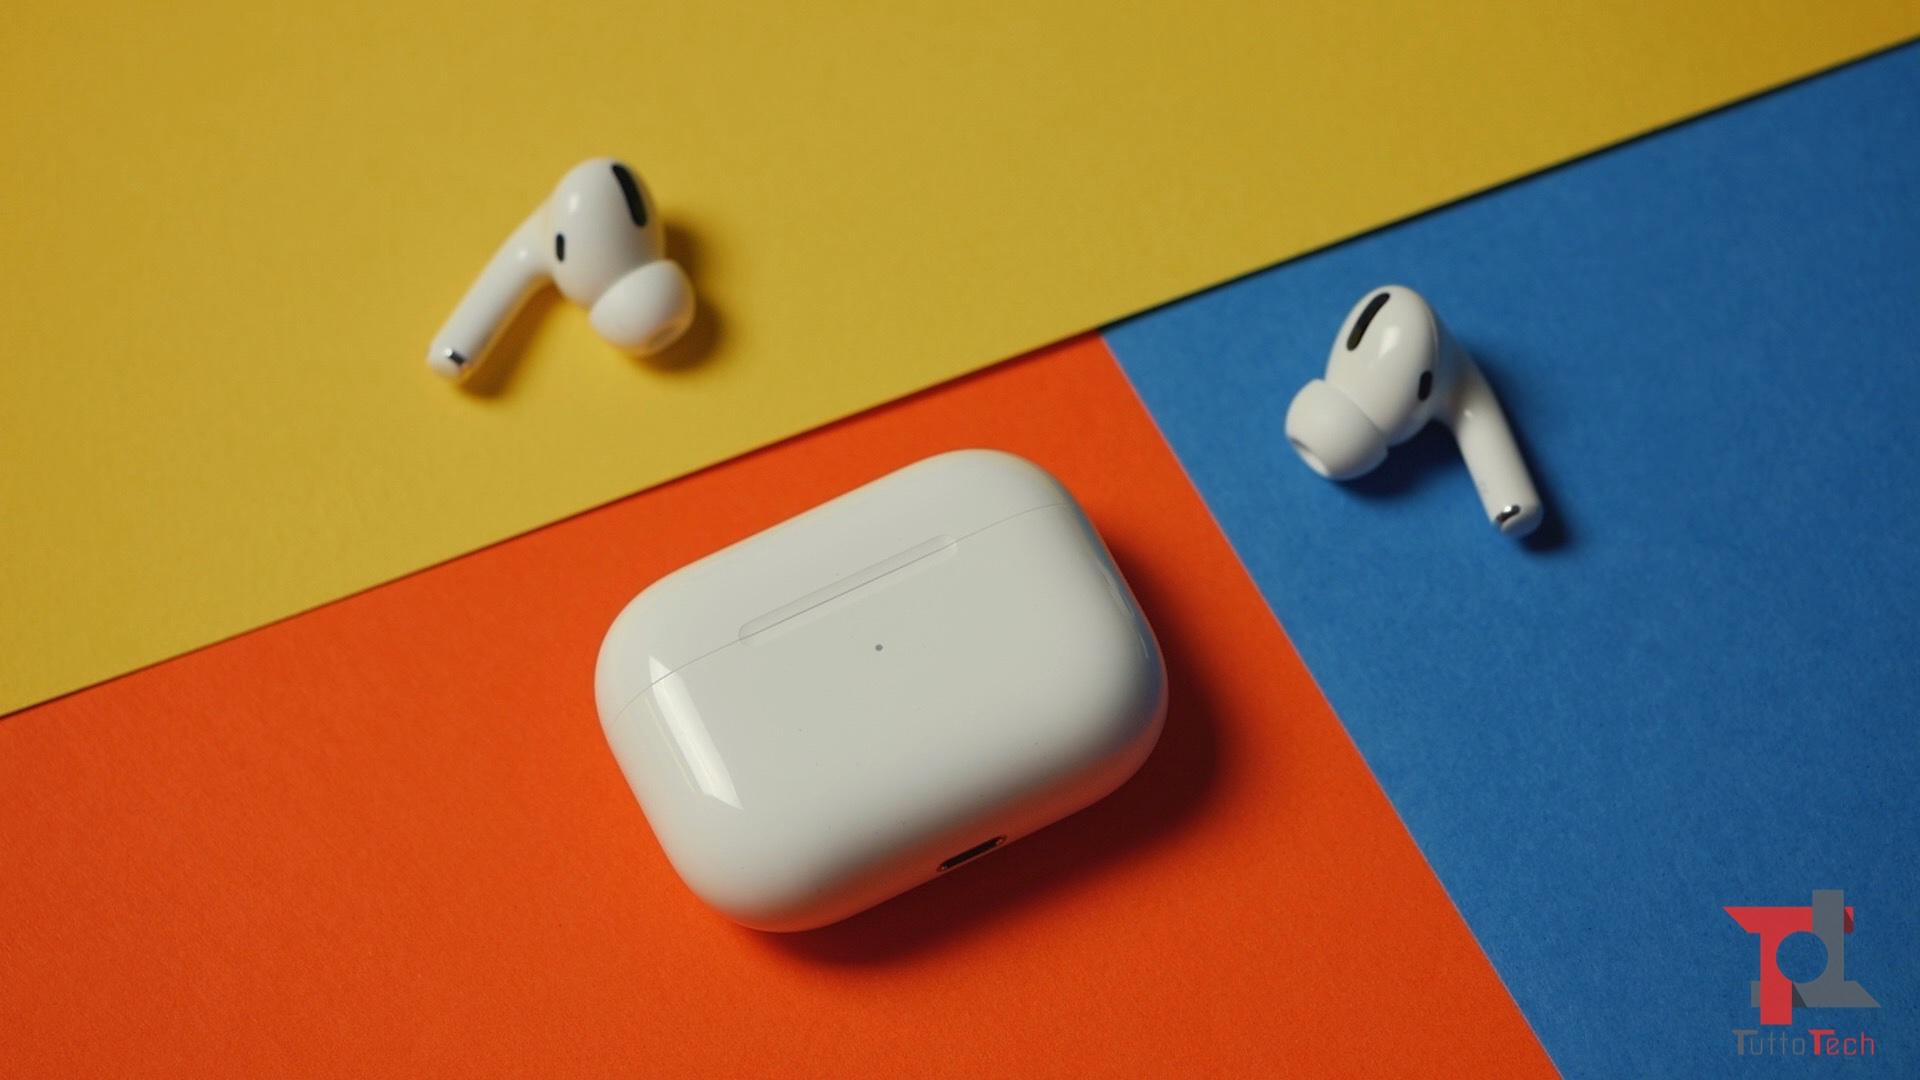 Recensione AirPods Pro: Apple sposta in avanti l'asticella 7